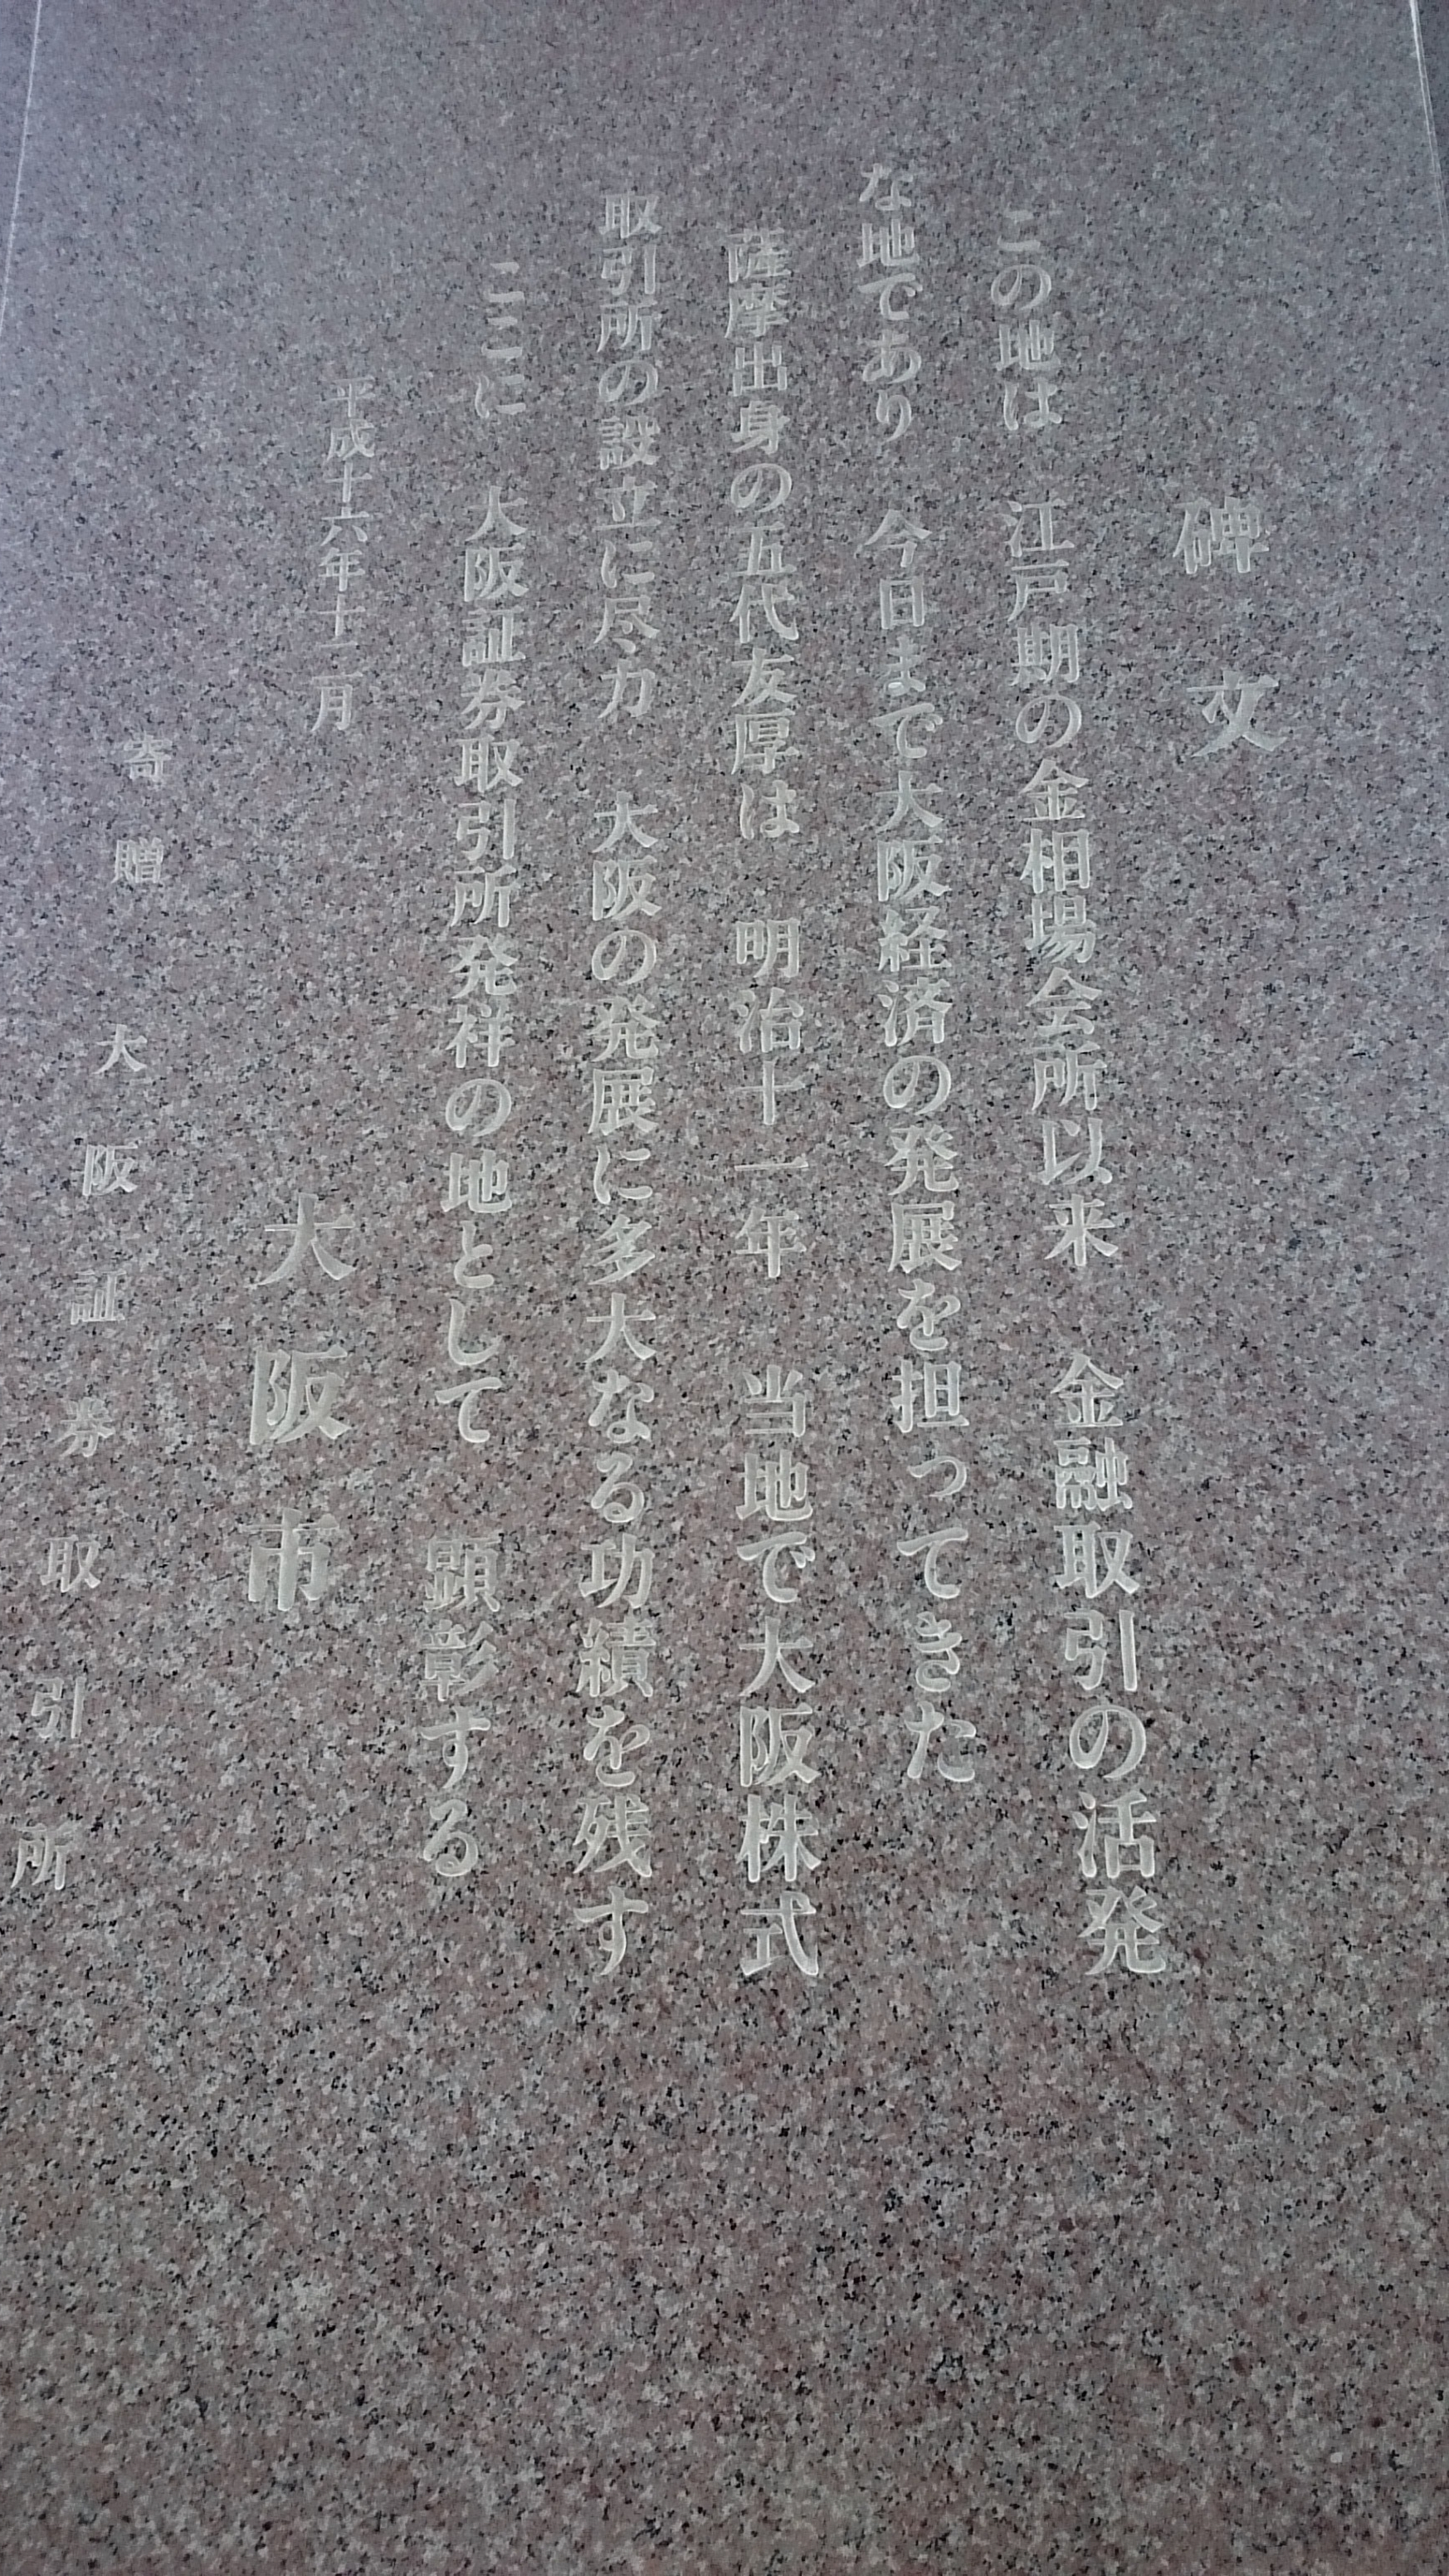 銅像の裏の碑文/H.16年11月